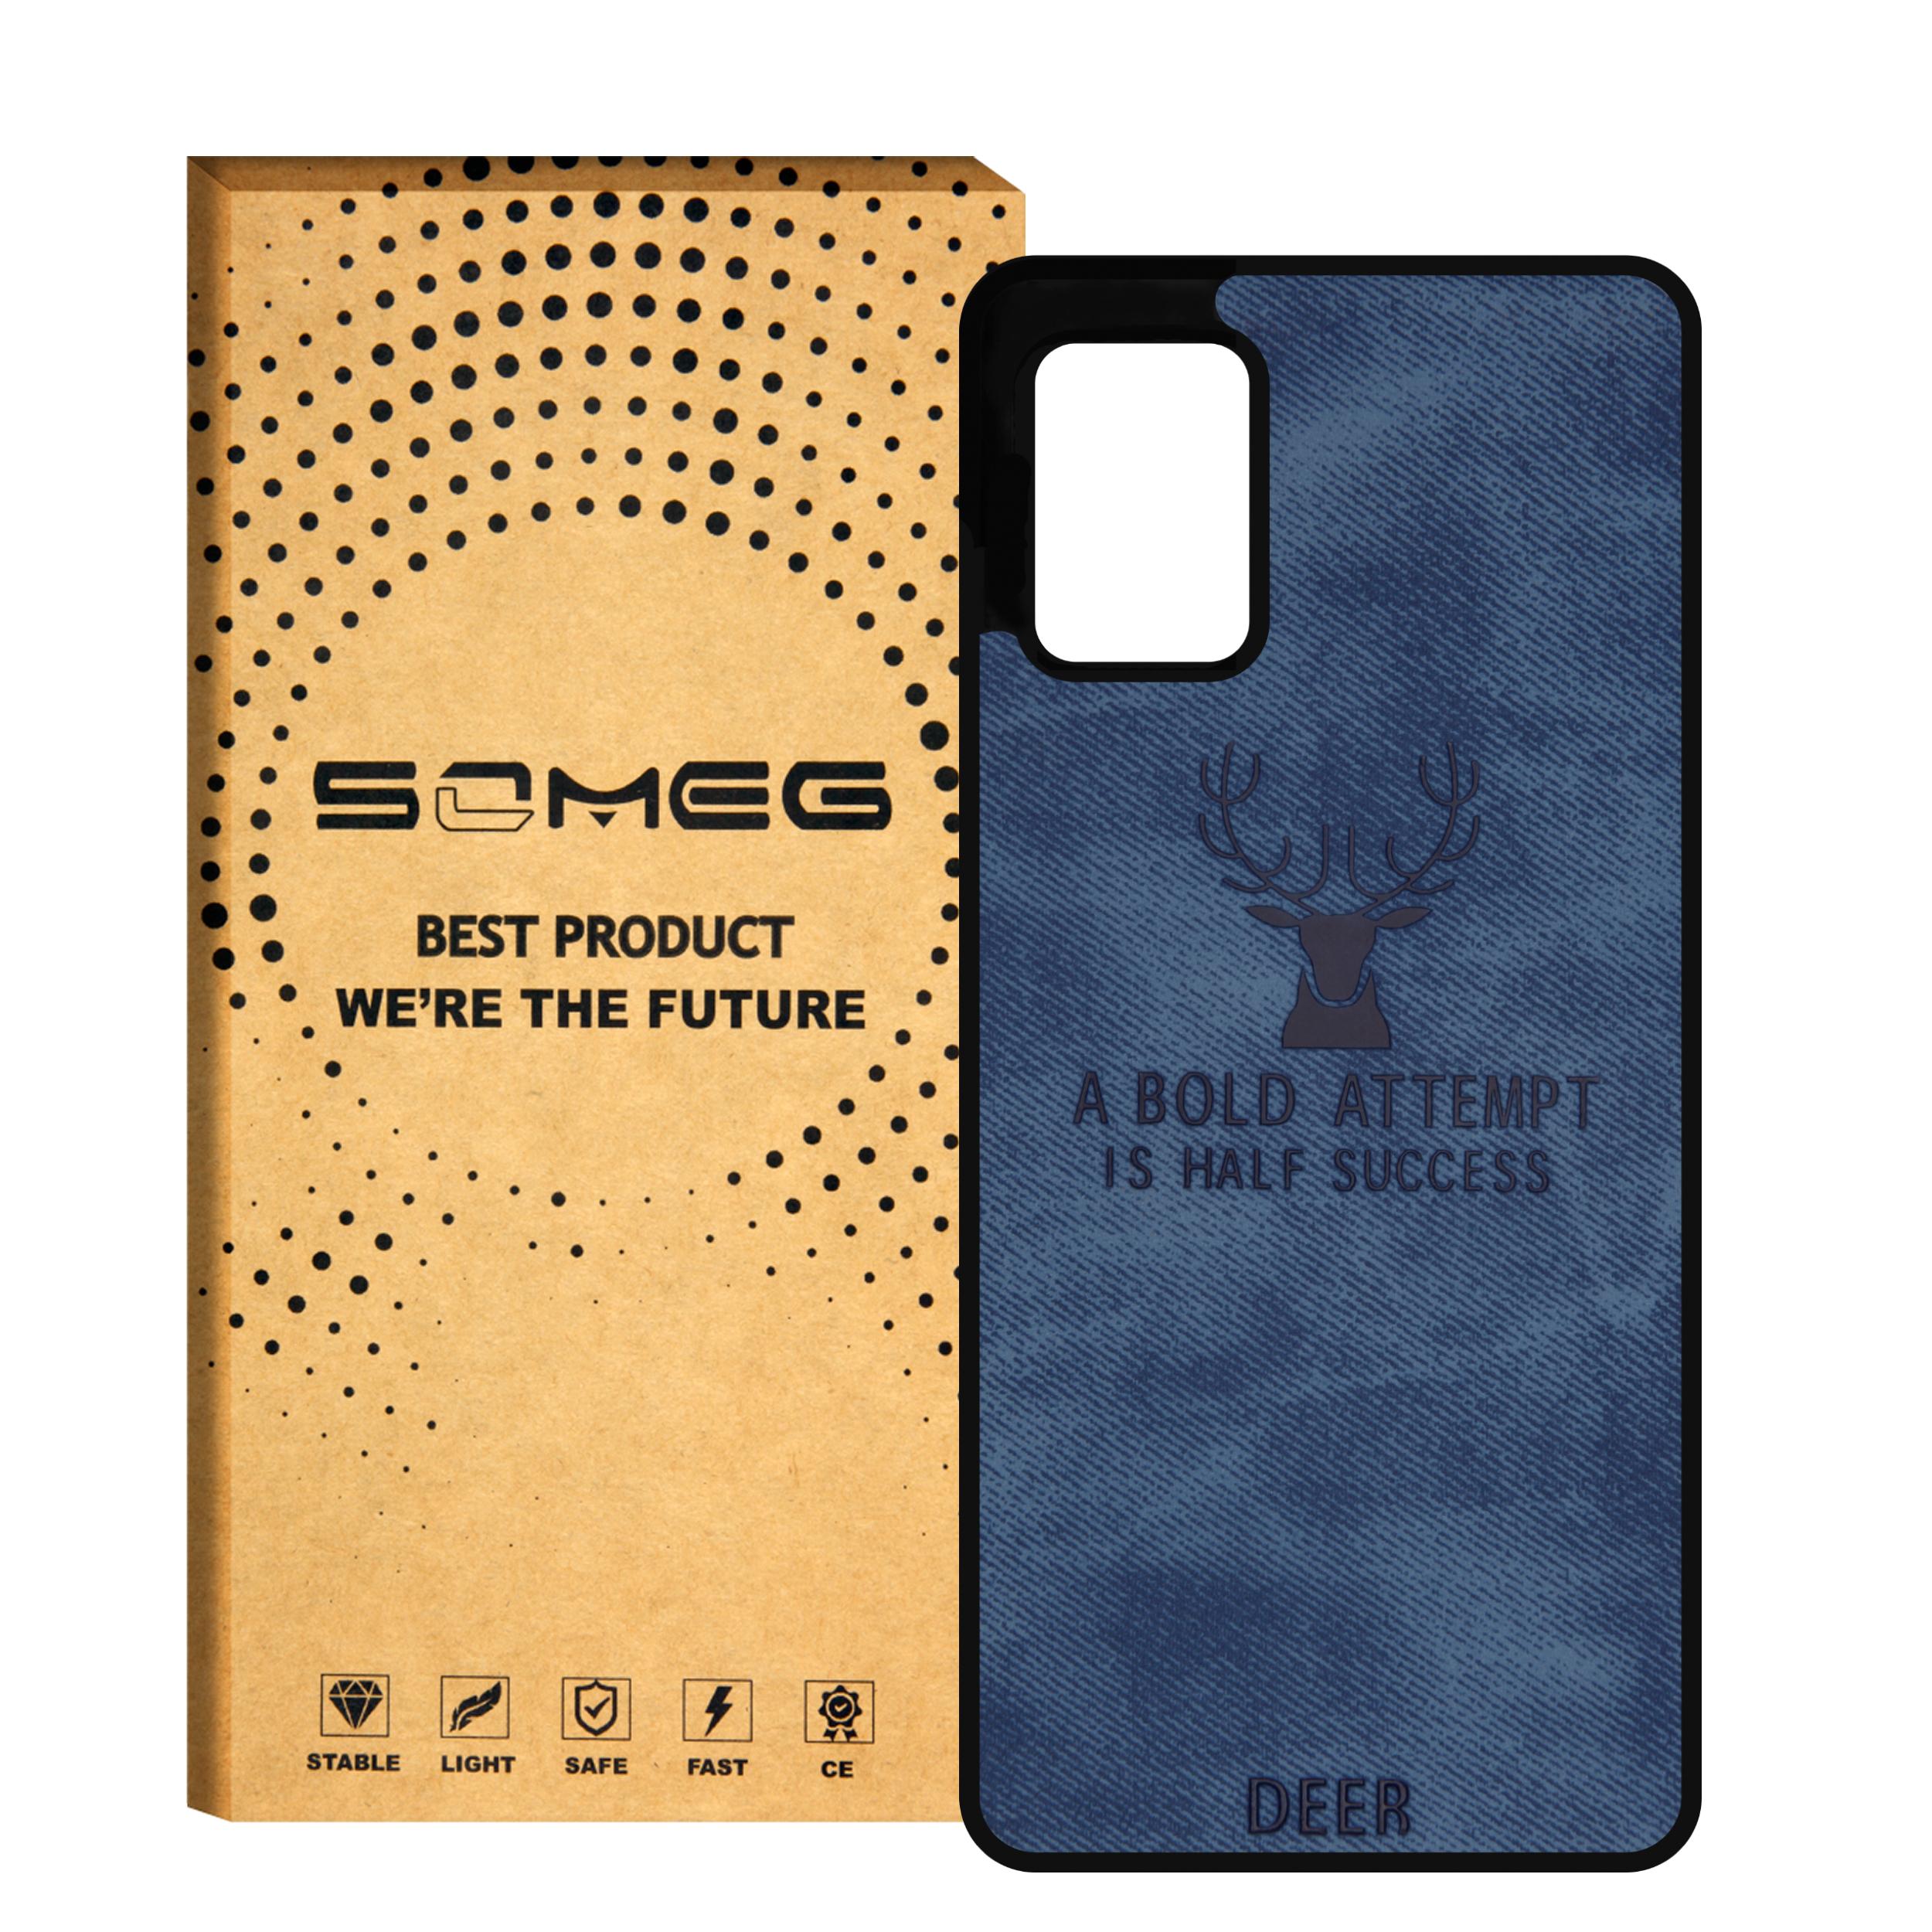 کاور سومگ مدل SMG-Der02 مناسب برای گوشی موبایل سامسونگ Galaxy A51              ( قیمت و خرید)